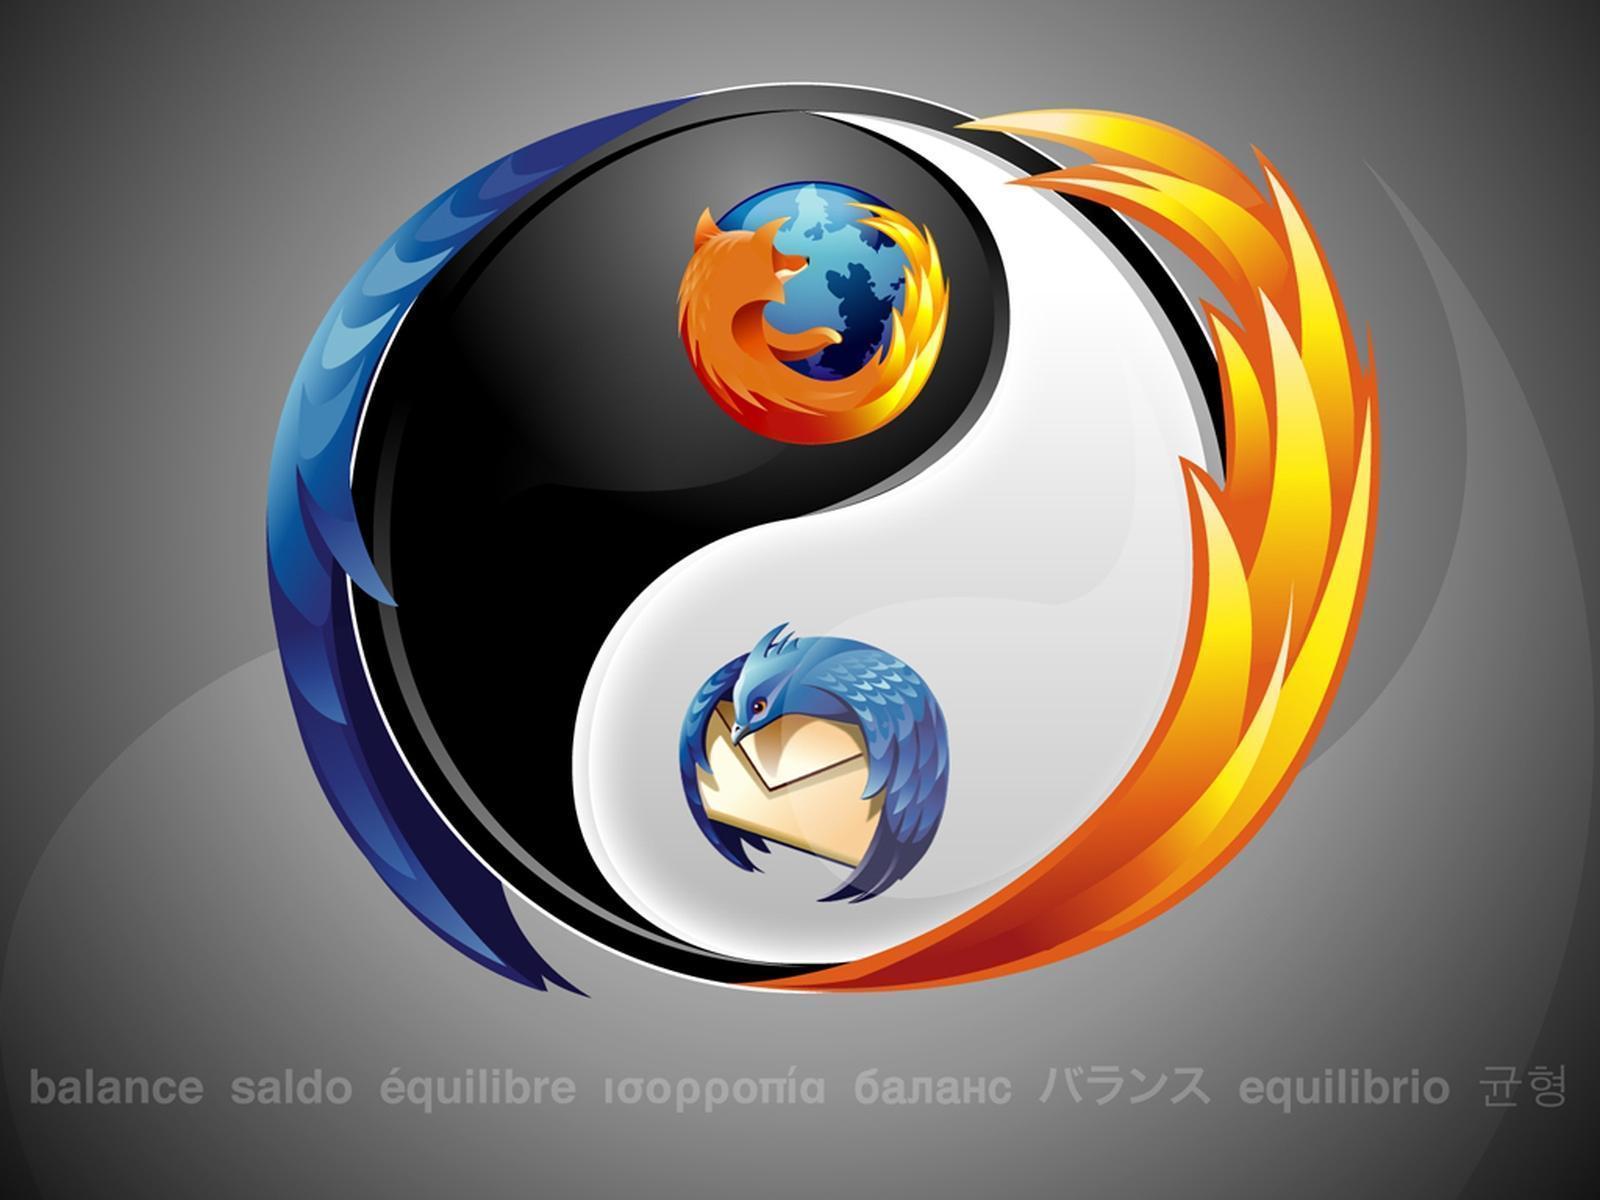 http://1.bp.blogspot.com/-3EKu2nNtL4U/TiKl9urKXVI/AAAAAAAAASA/JWNy4bOexn4/s1600/Ying-yang-firefox-8967278-1600-1200%255B1%255D.jpg